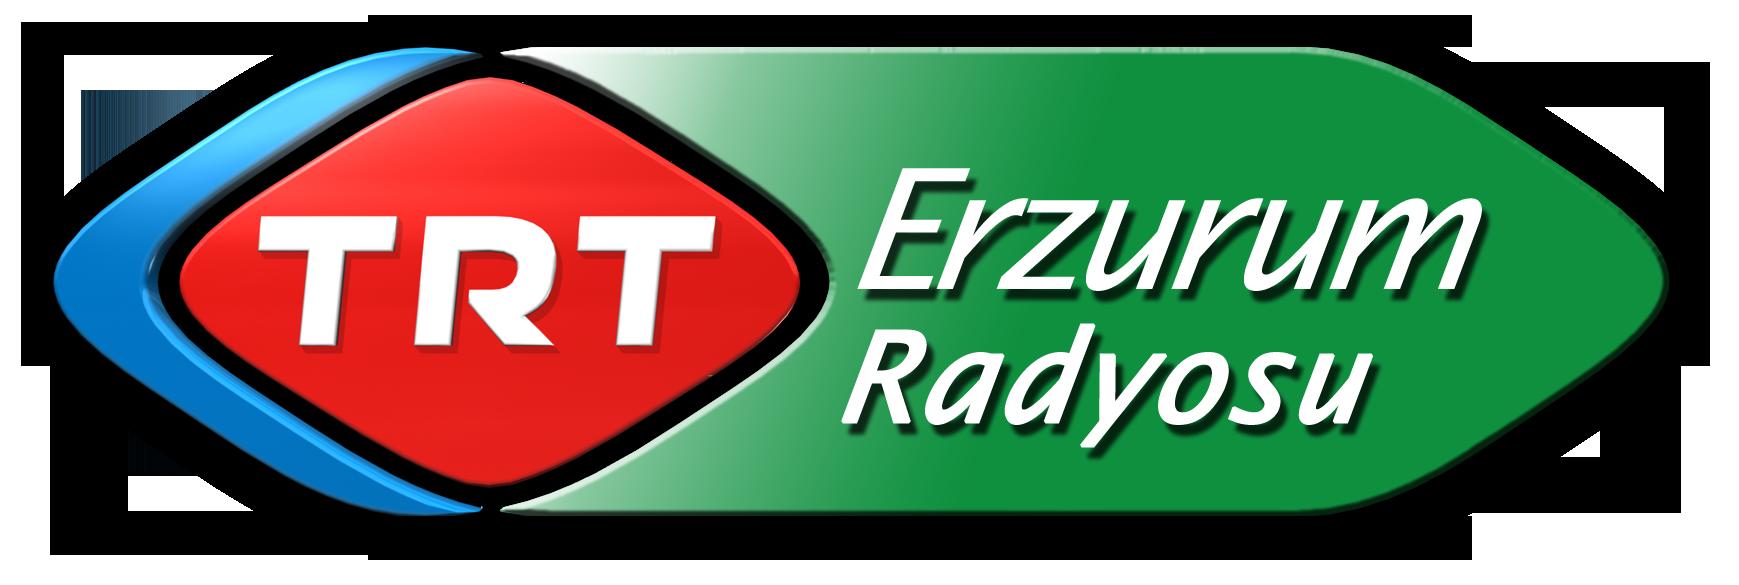 ERZURUM RADYOSU